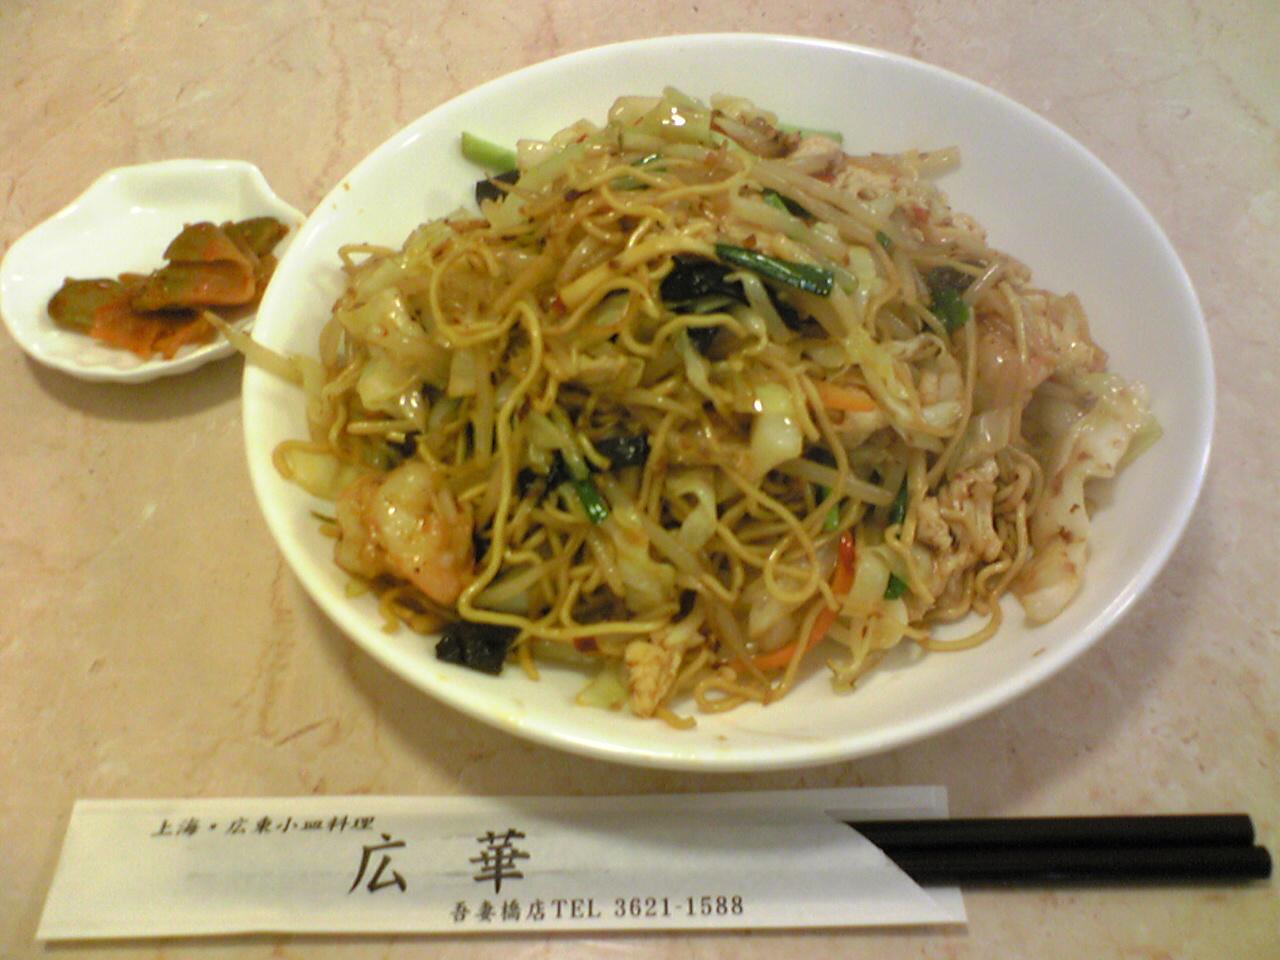 穴子料理と地酒 浅草 川井 (【旧店名】あな太朗)  …